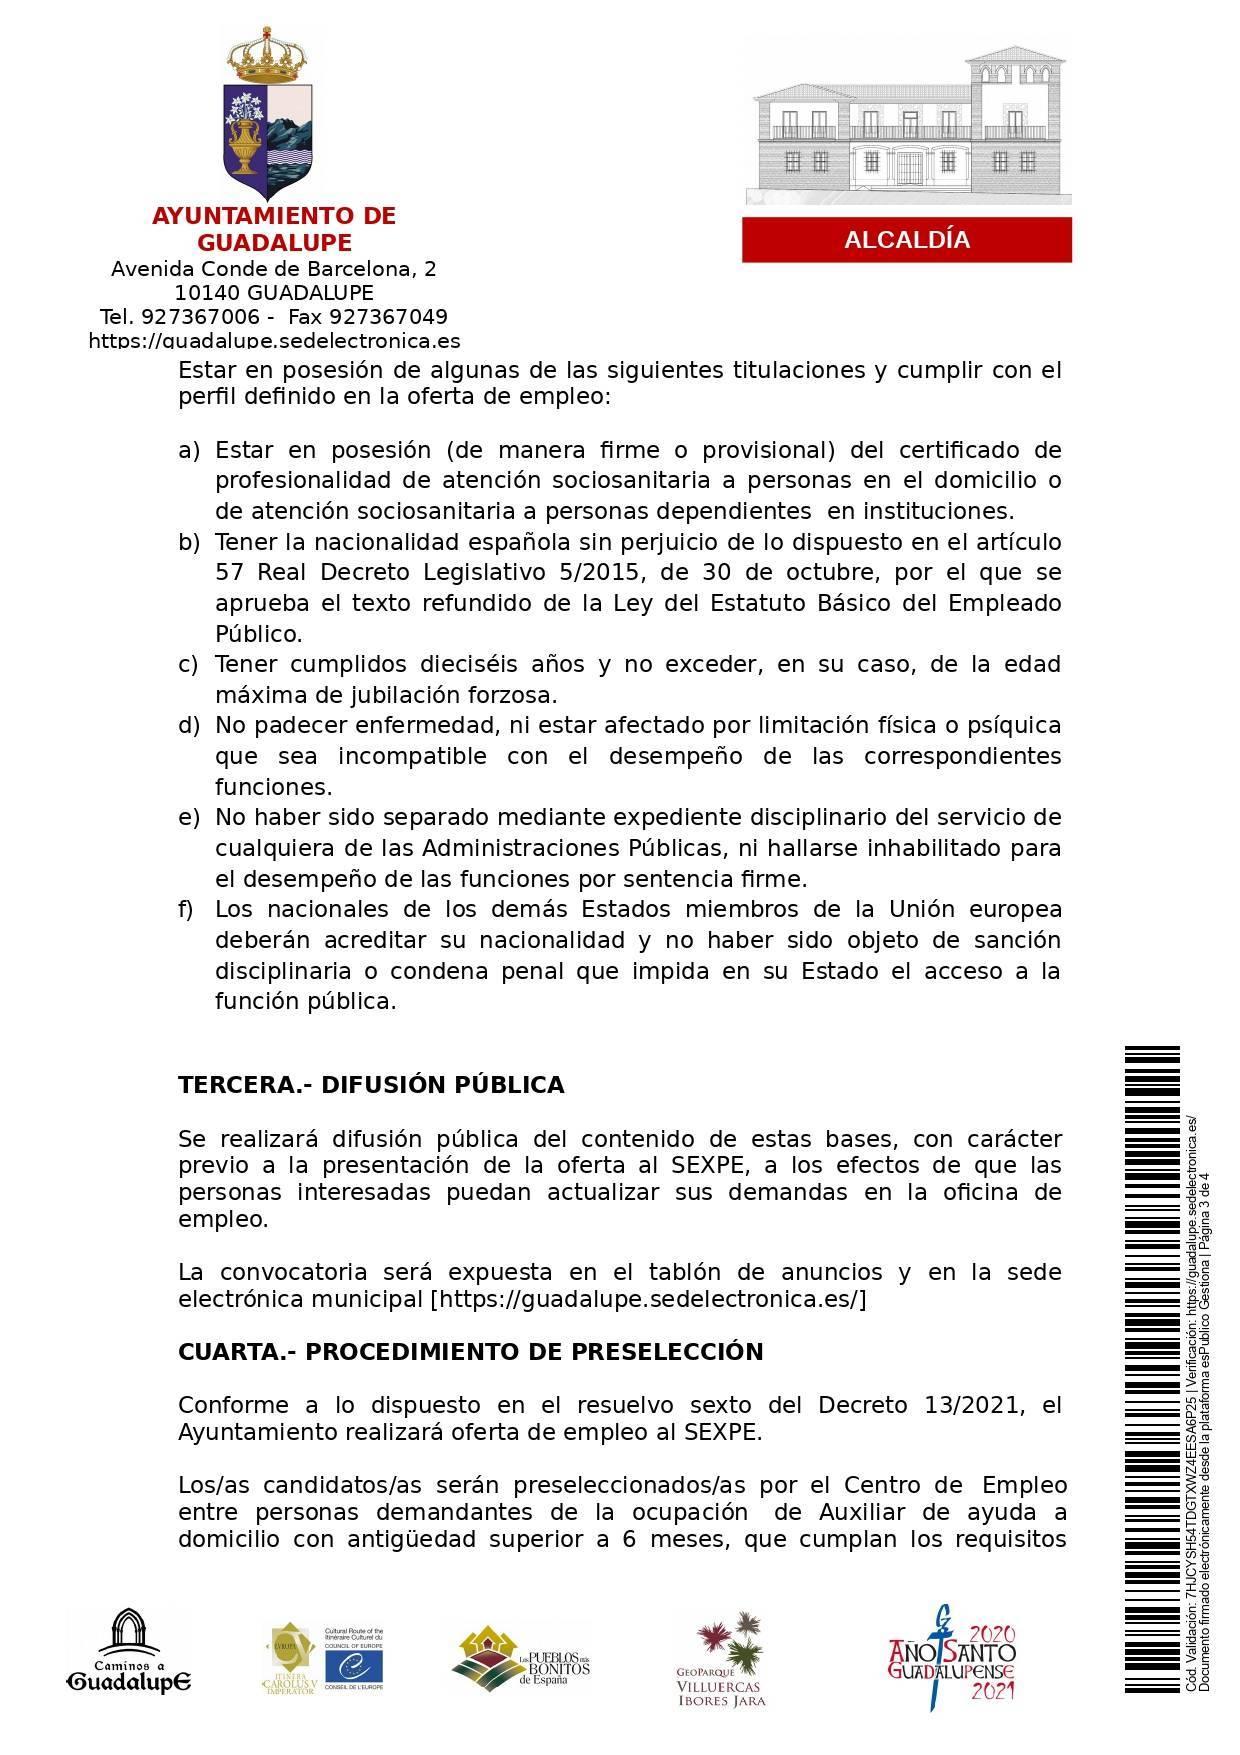 Auxiliar de ayuda a domicilio (2021) - Guadalupe (Cáceres) 3